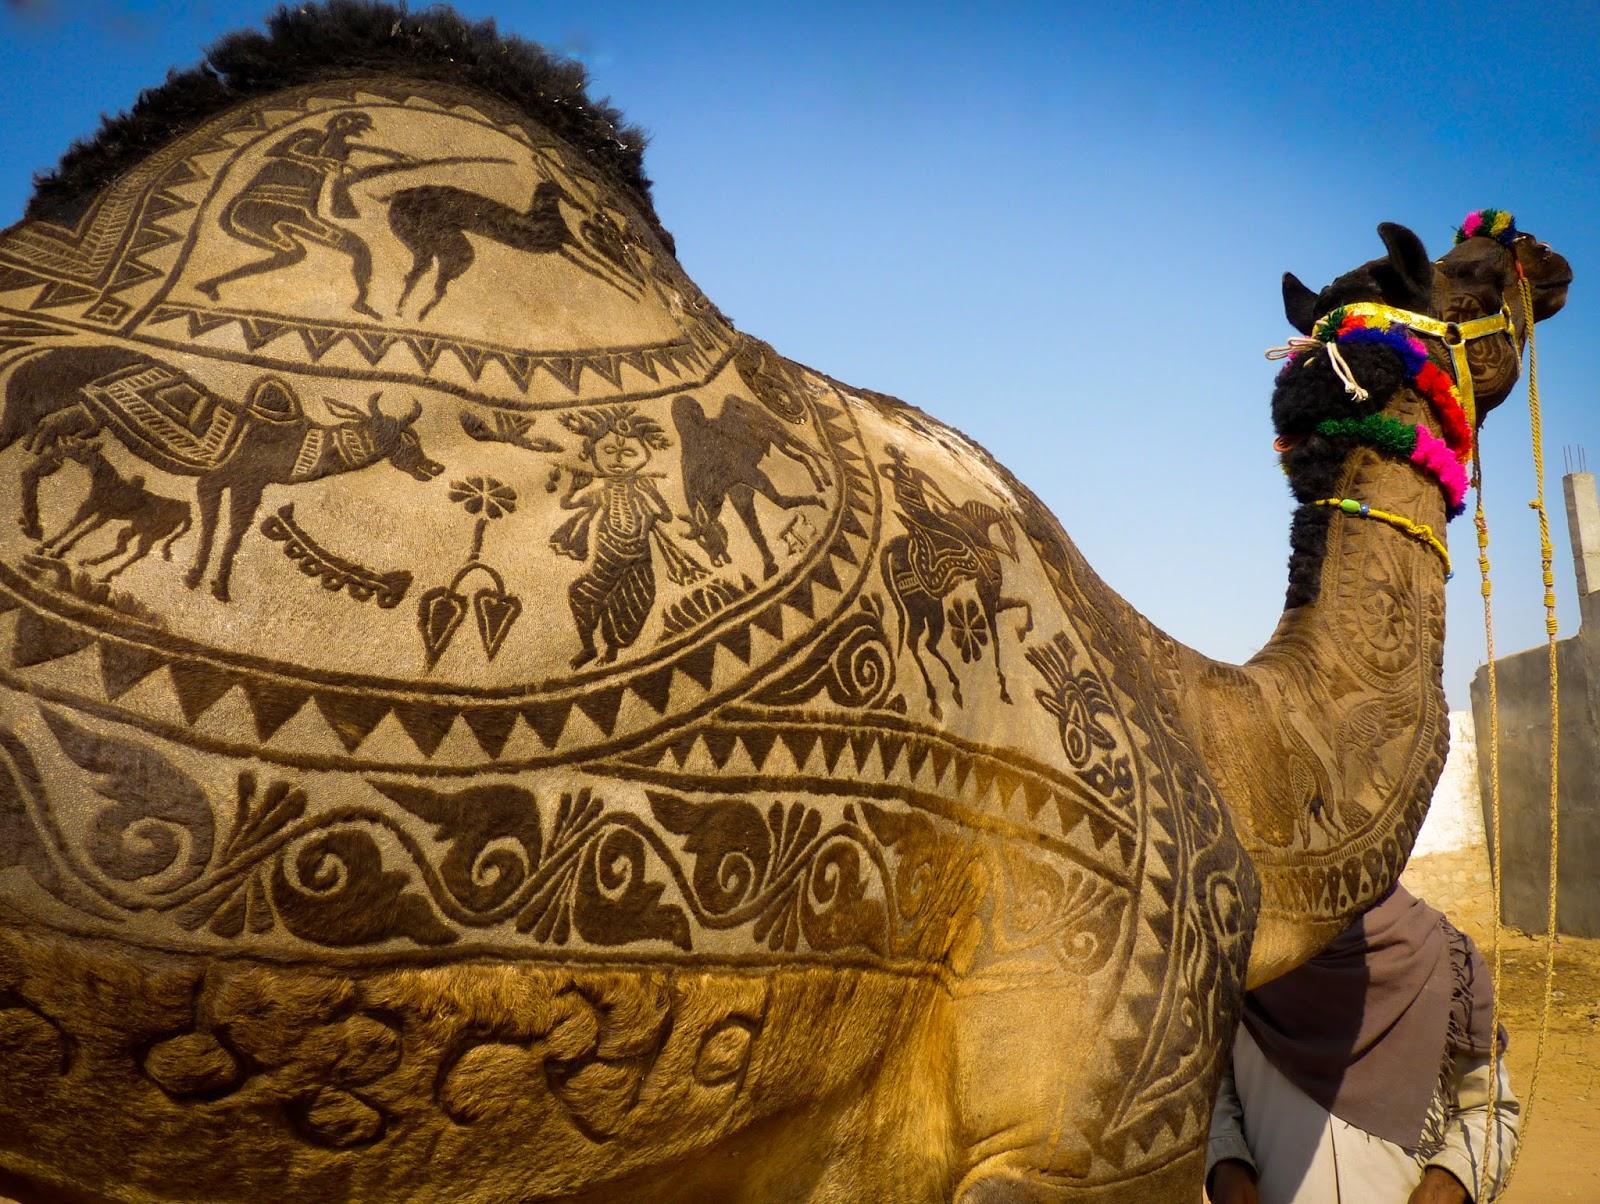 1440326012_nagaur fair, shaved camel